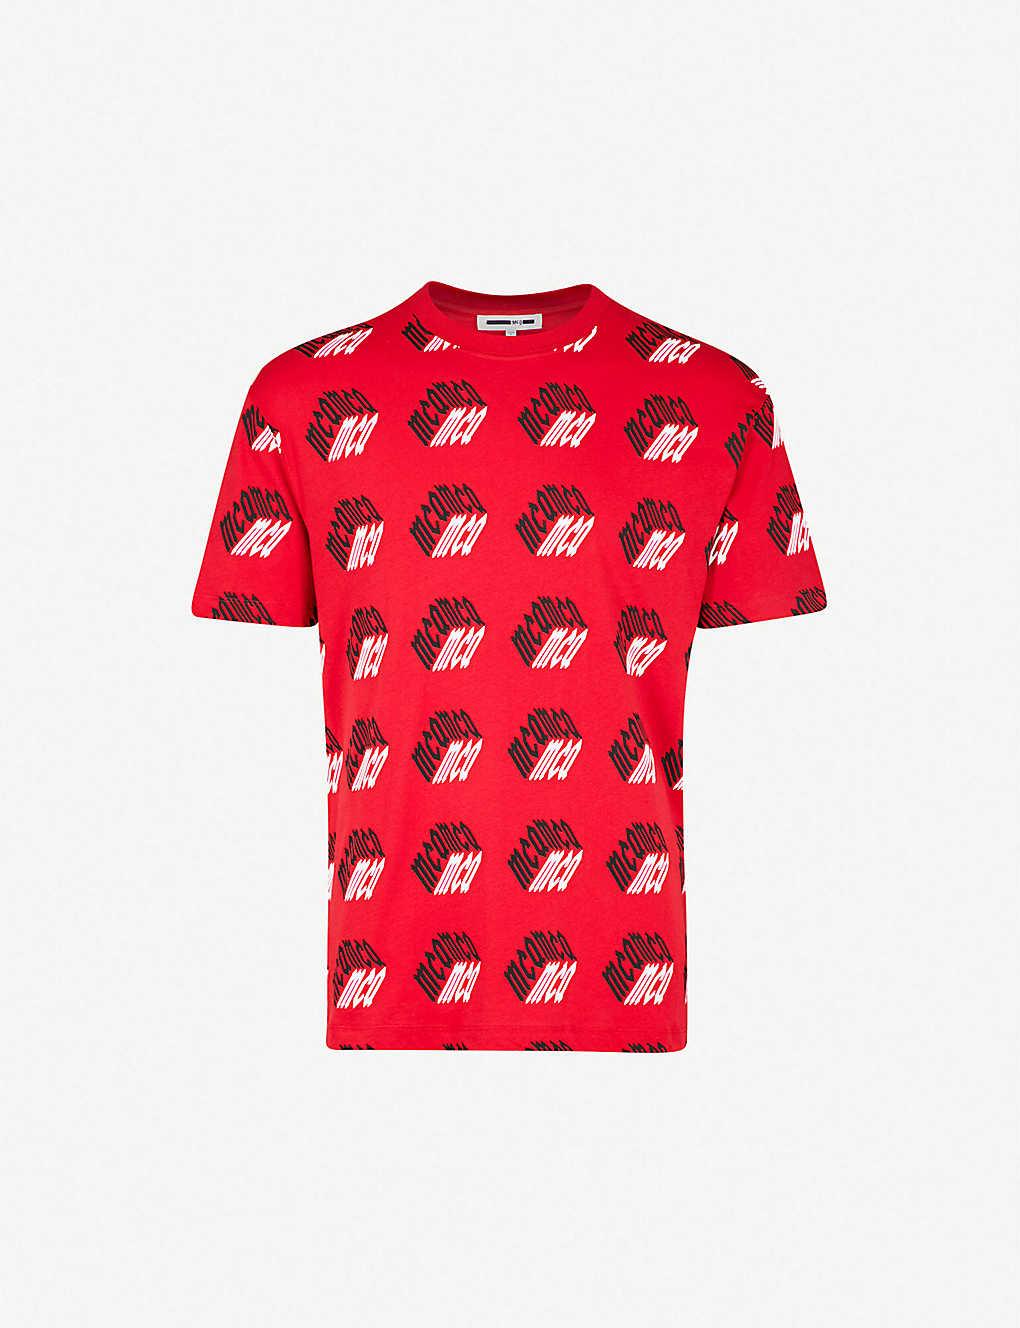 ad68ef14b74a MCQ ALEXANDER MCQUEEN - Logo-print cotton-jersey T-shirt ...